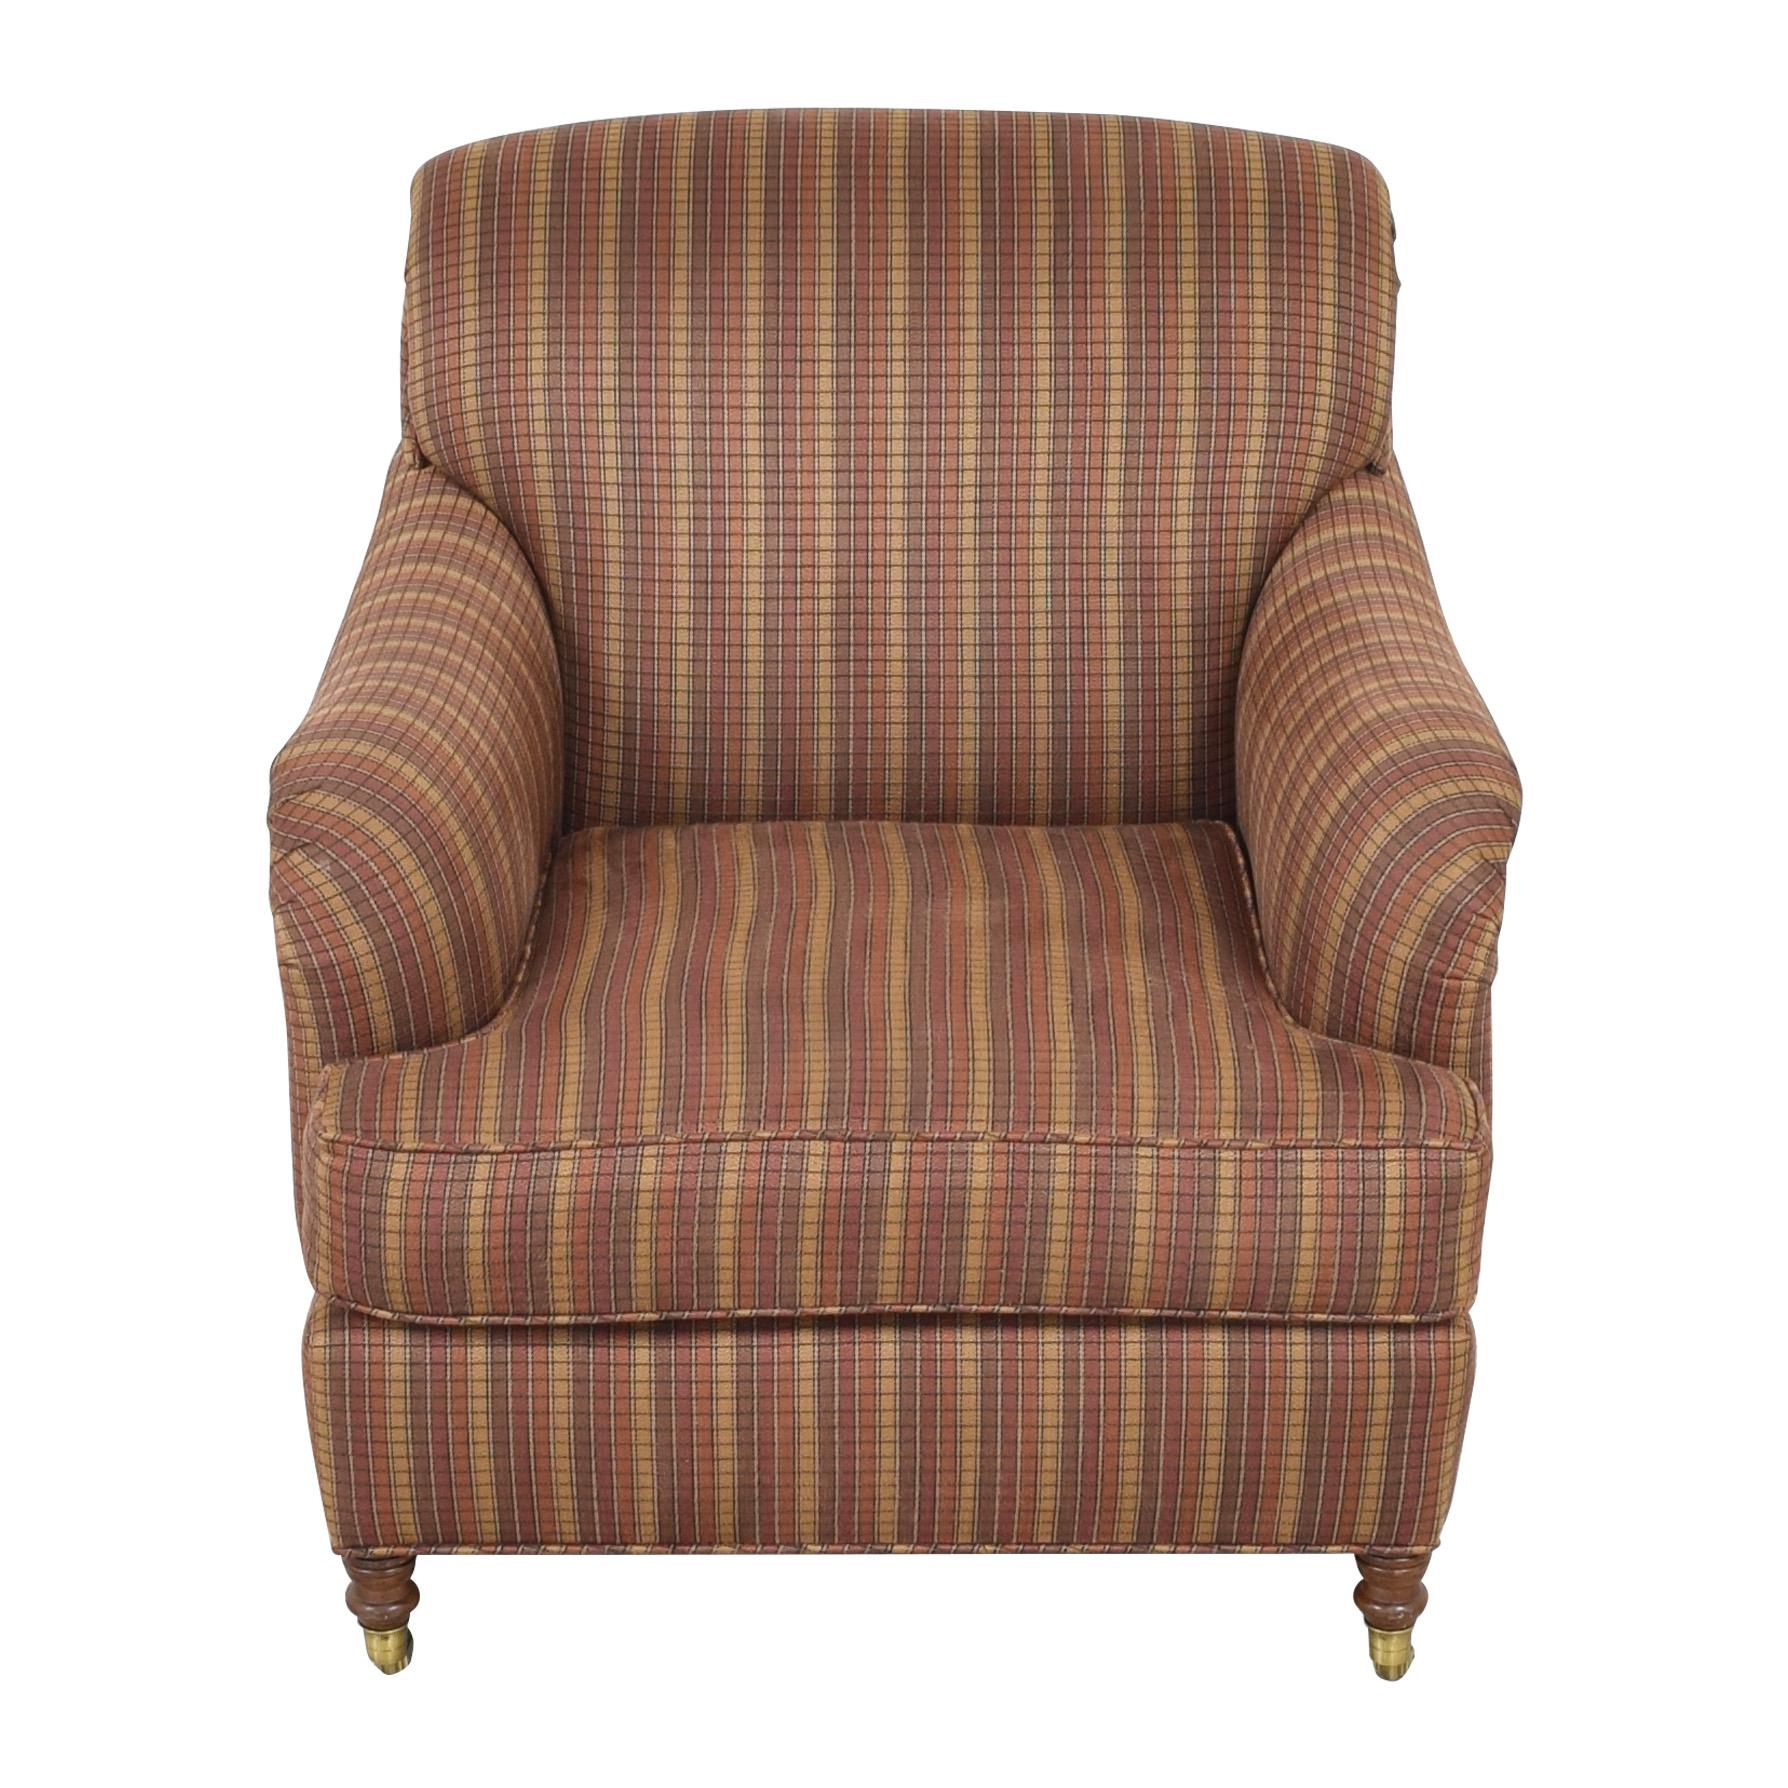 shop Kravet Accent Chair Kravet Accent Chairs